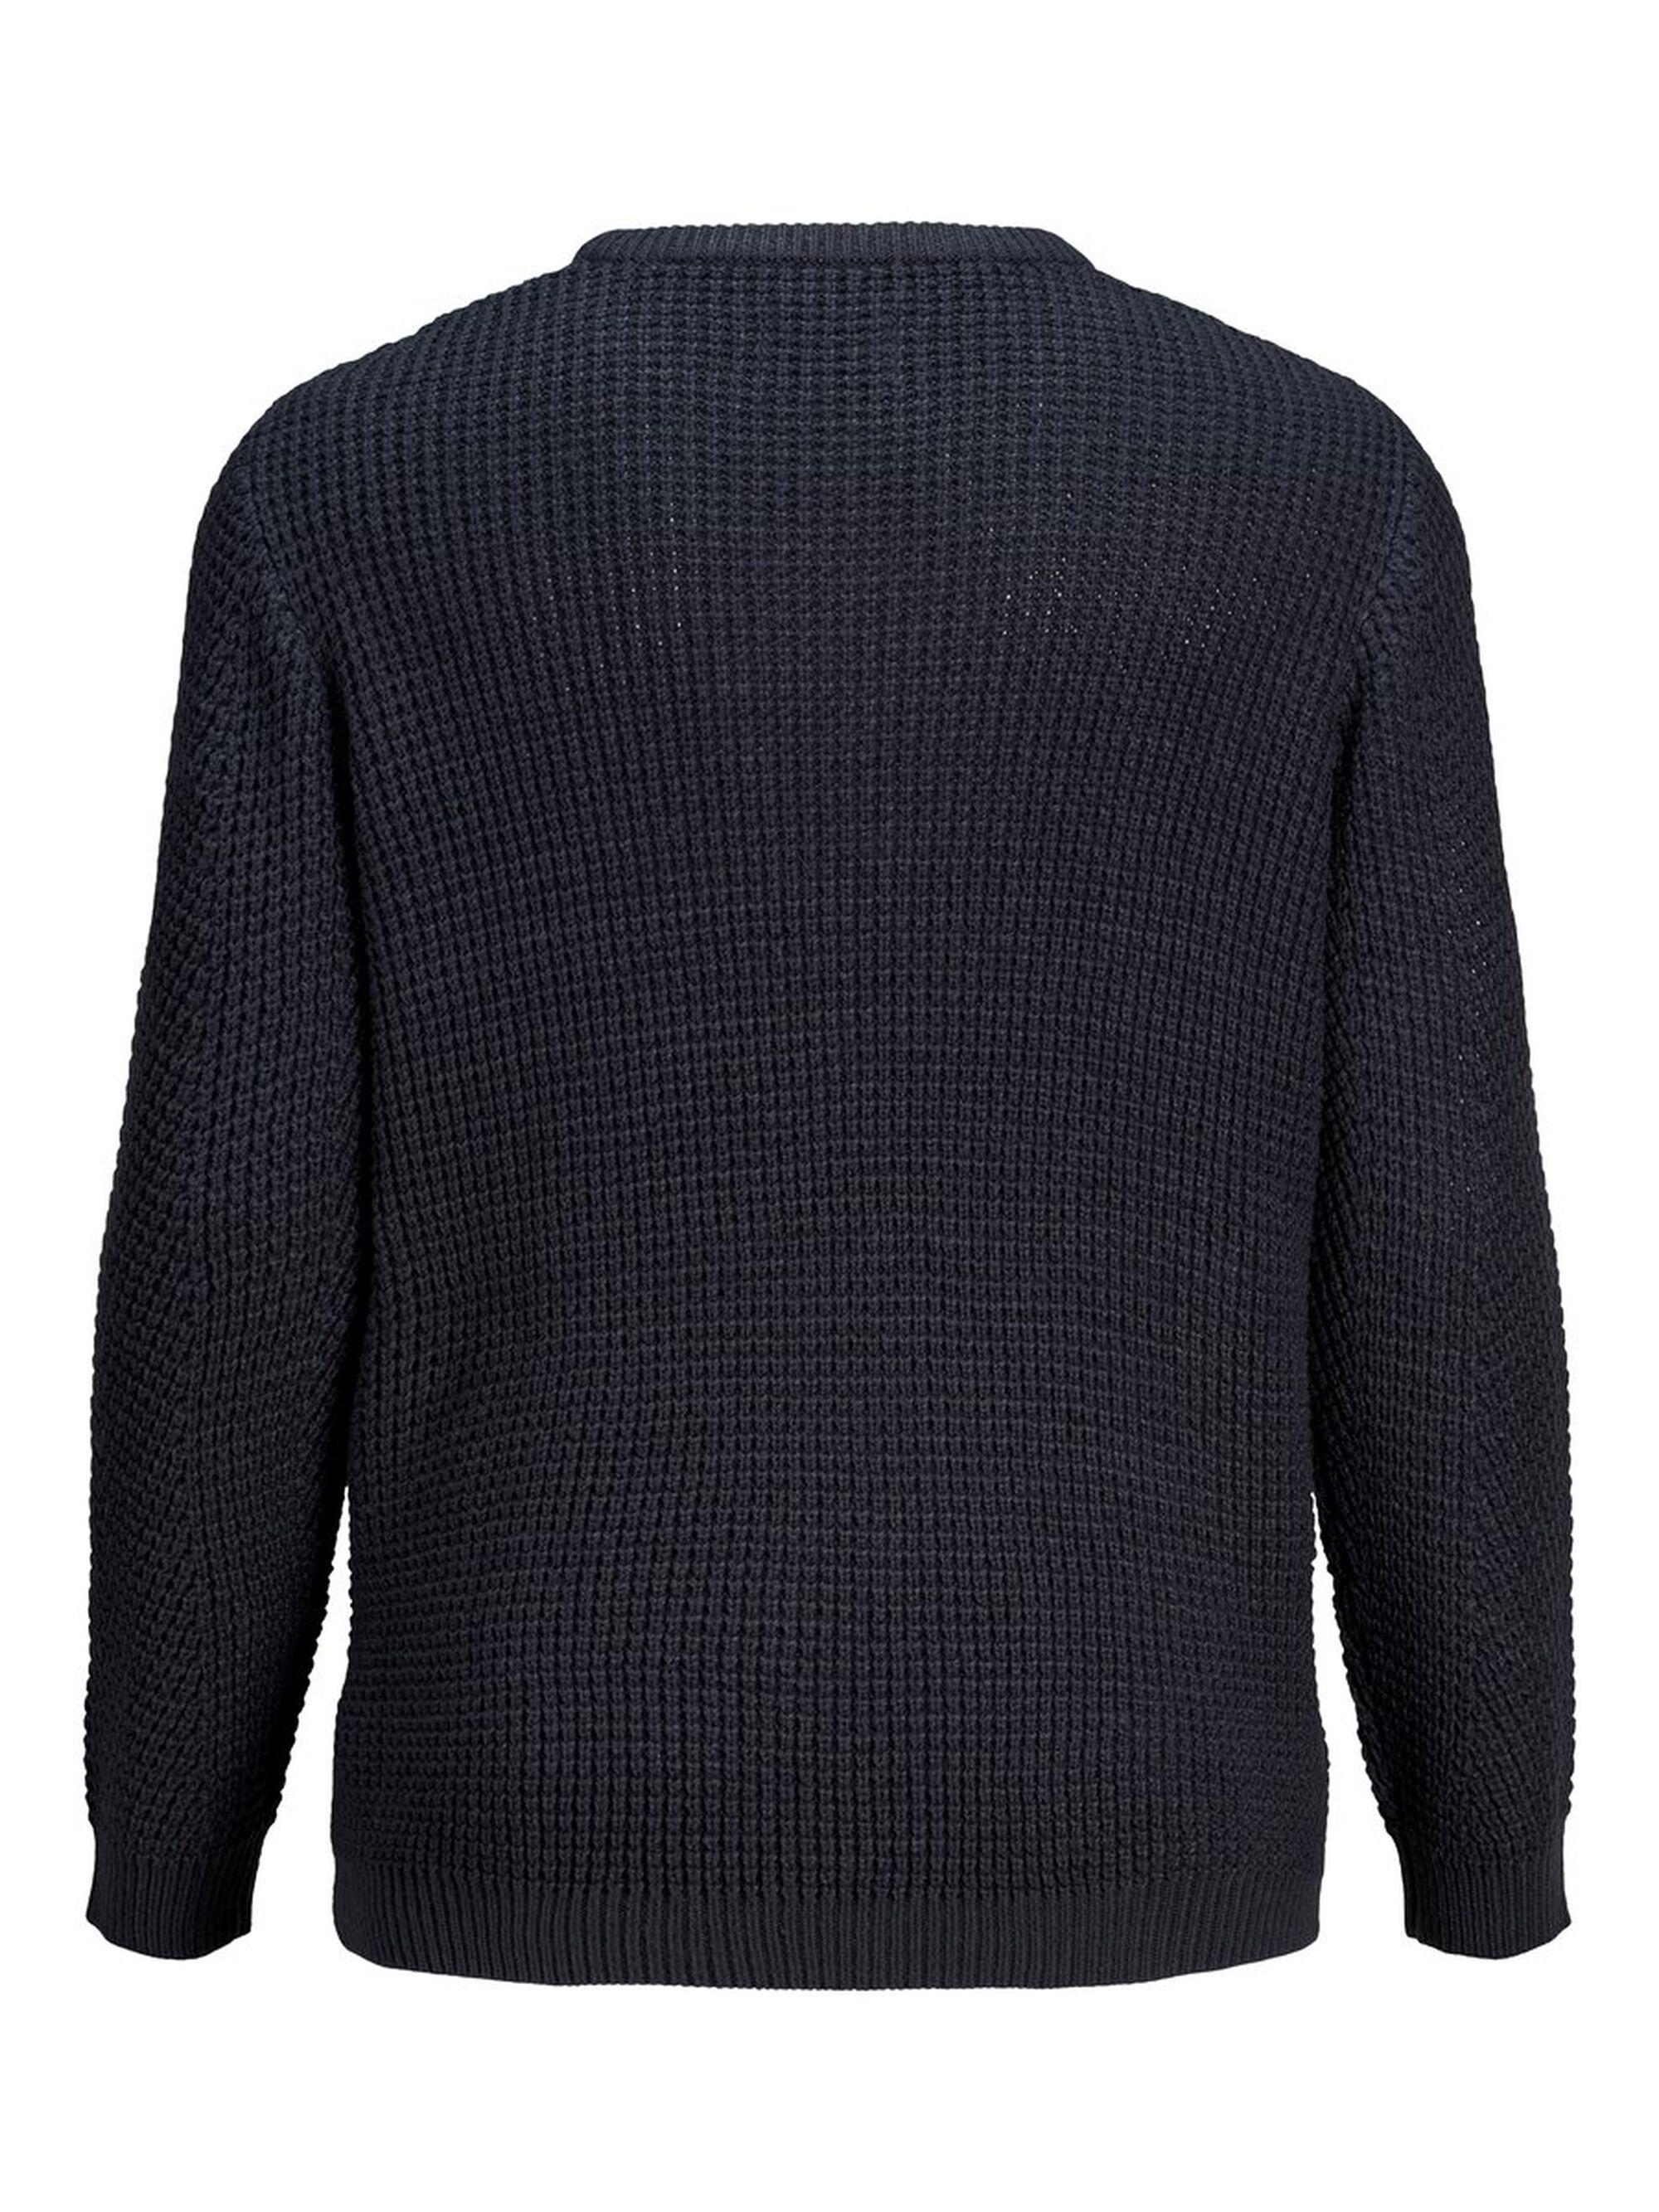 Jack & Jones Gestructureerde Plus Size Pullover in het Zwart voor heren